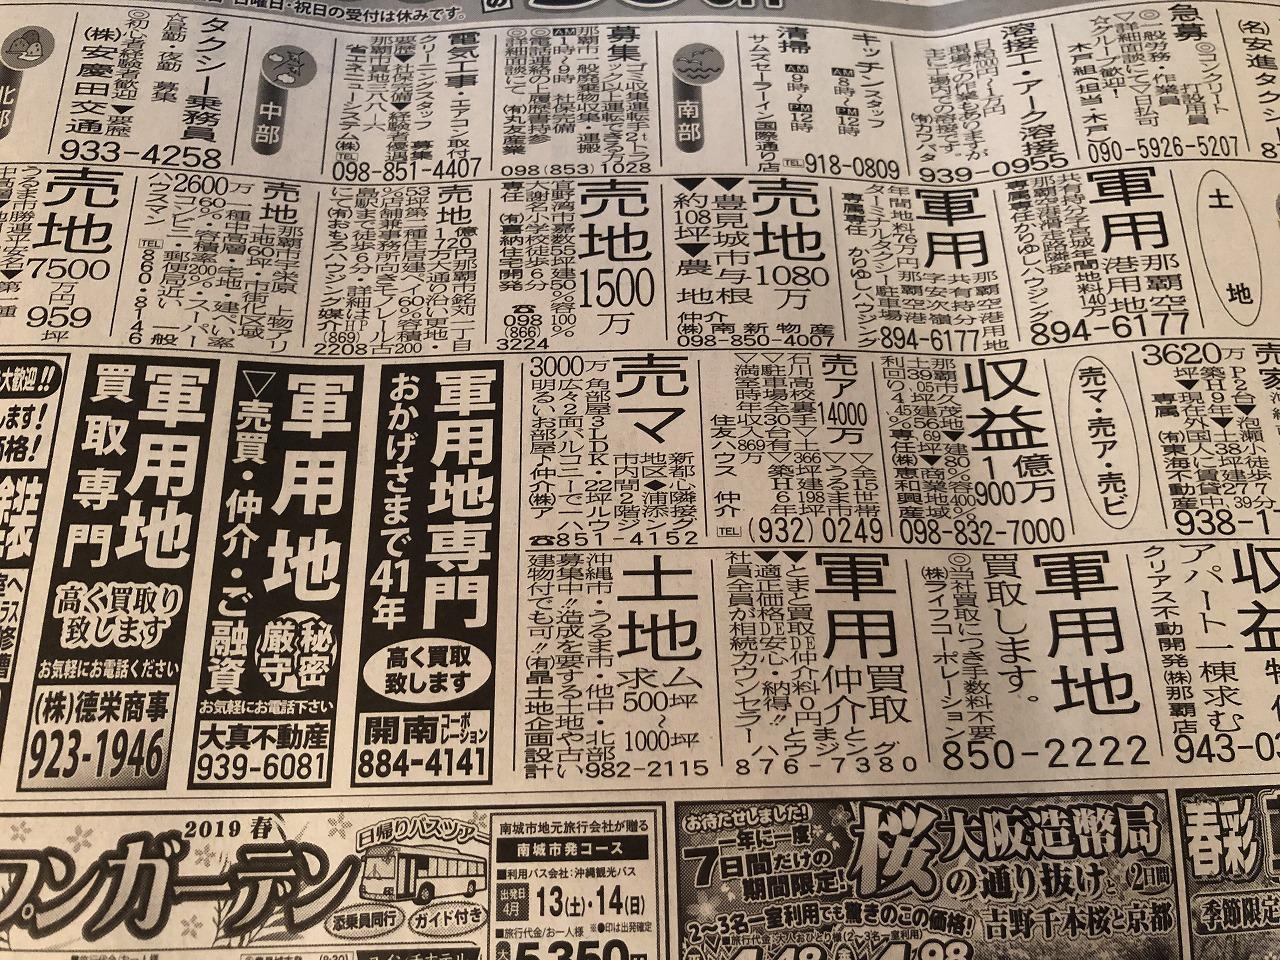 沖縄タイムスの軍用地買いますの広告